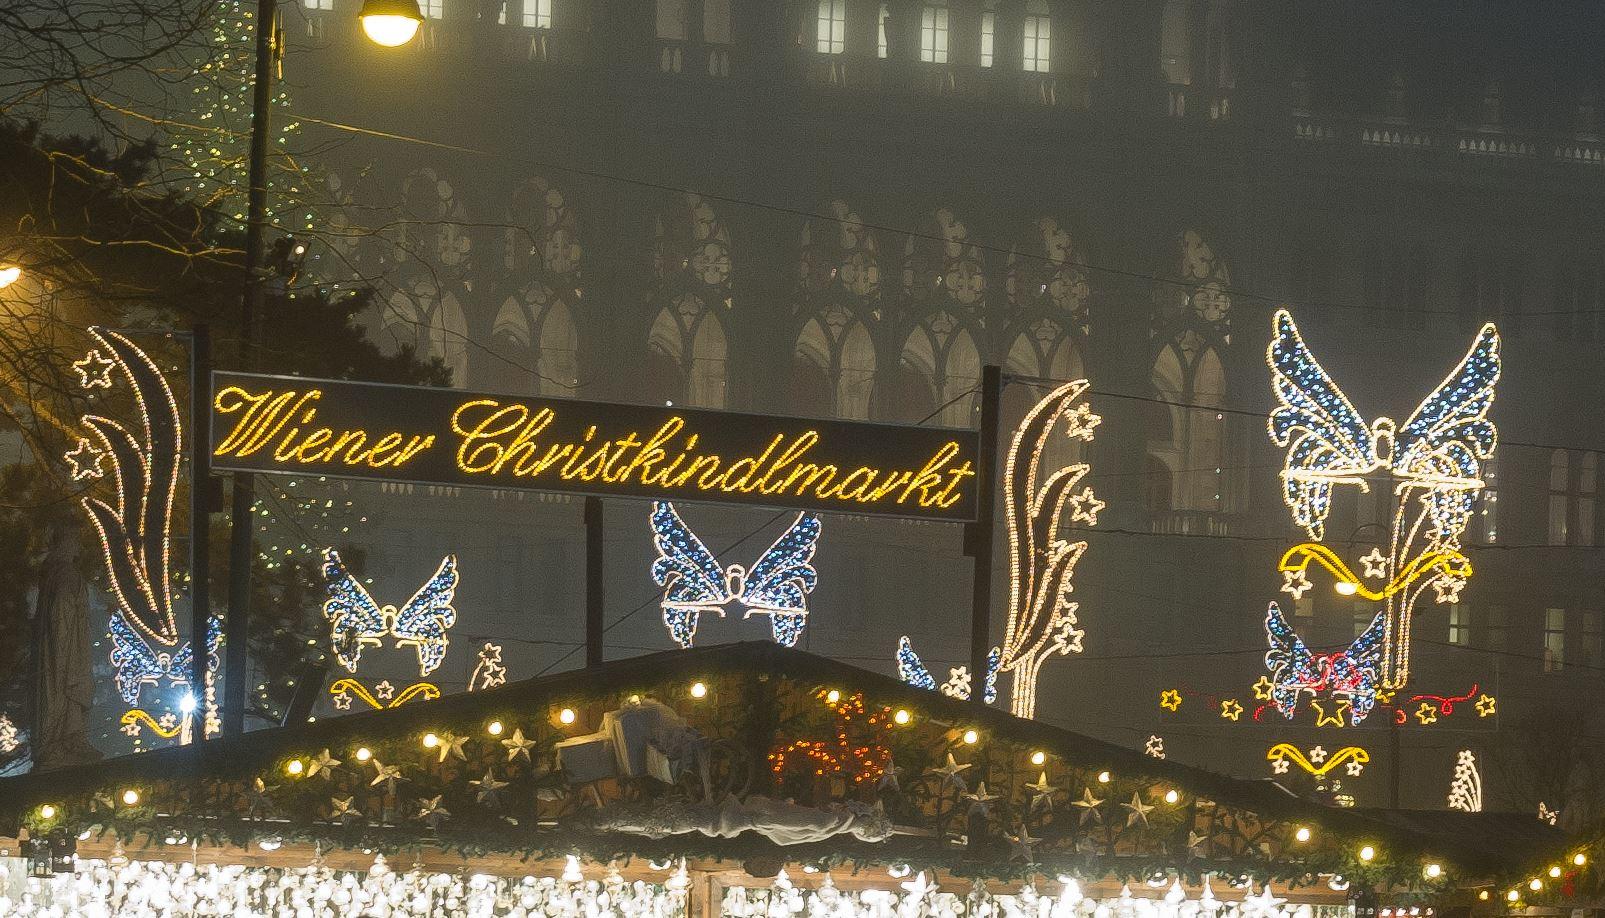 Weihnachtsbeleuchtung Außen Schlitten.Vorfreude Auf Die Weihnachtsbeleuchtung Am Weihnachtsmarkt